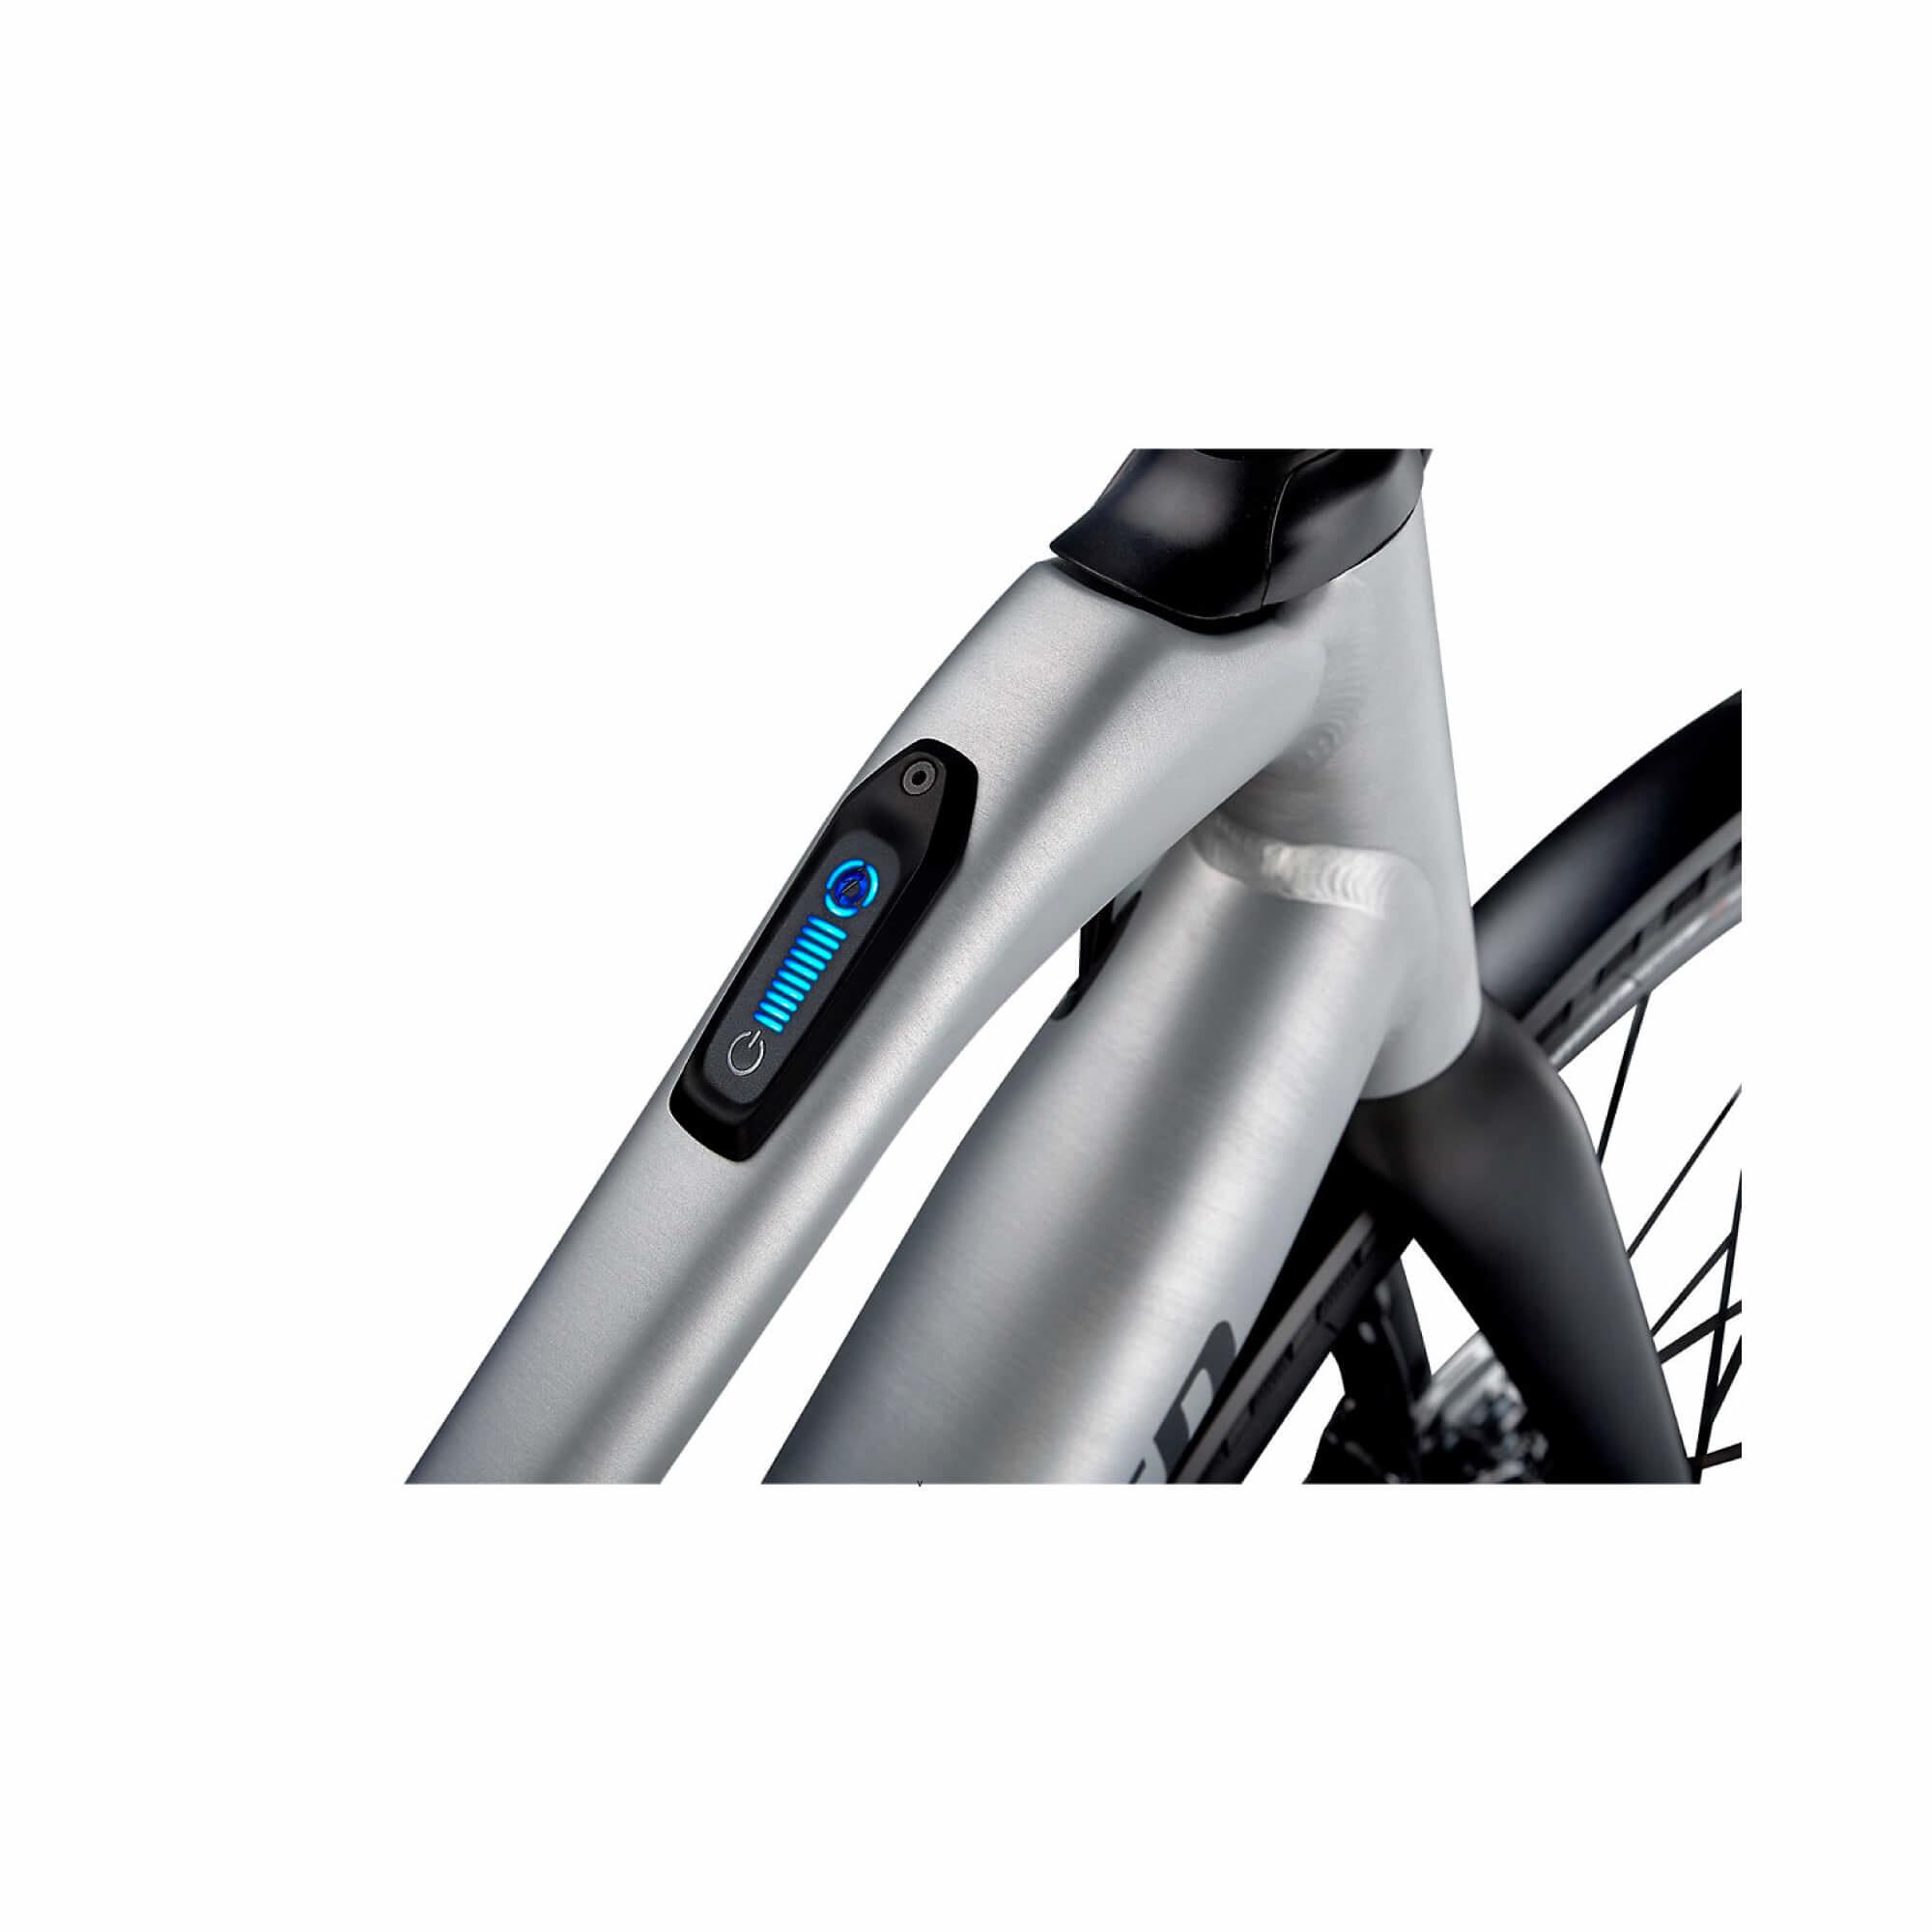 Turbo Vado SL 5.0 Step-Through EQ 2022-5